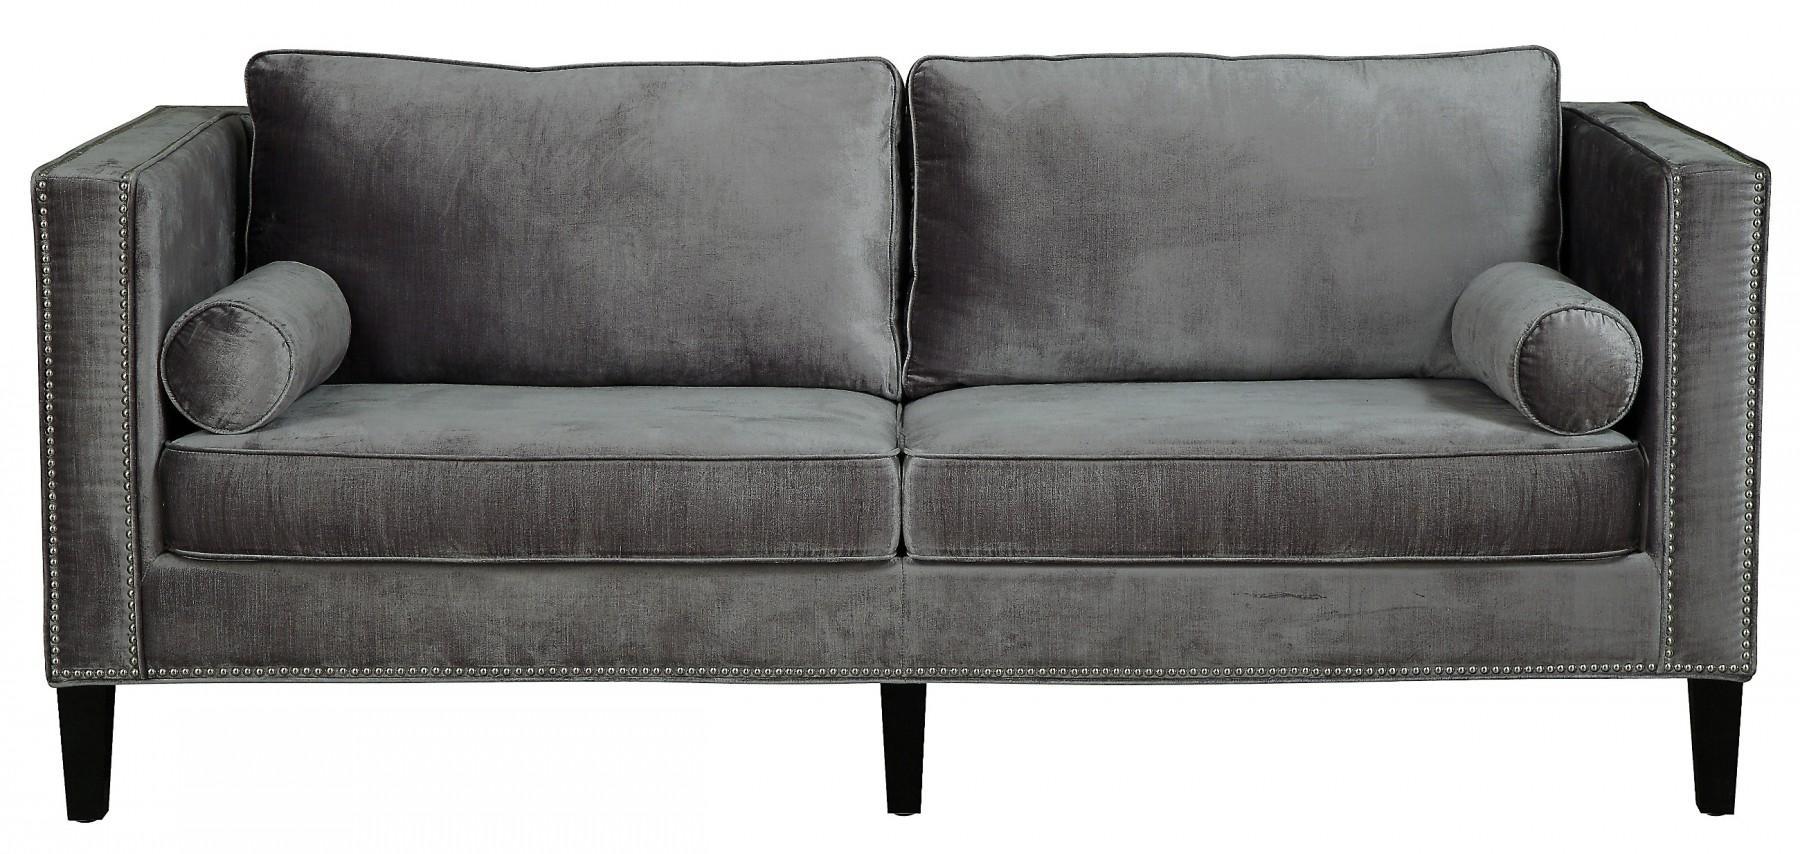 Furniture: Barrister Velvet Sofa | Velvet Couch | Tweed Couch For Barrister Velvet Sofas (View 7 of 20)